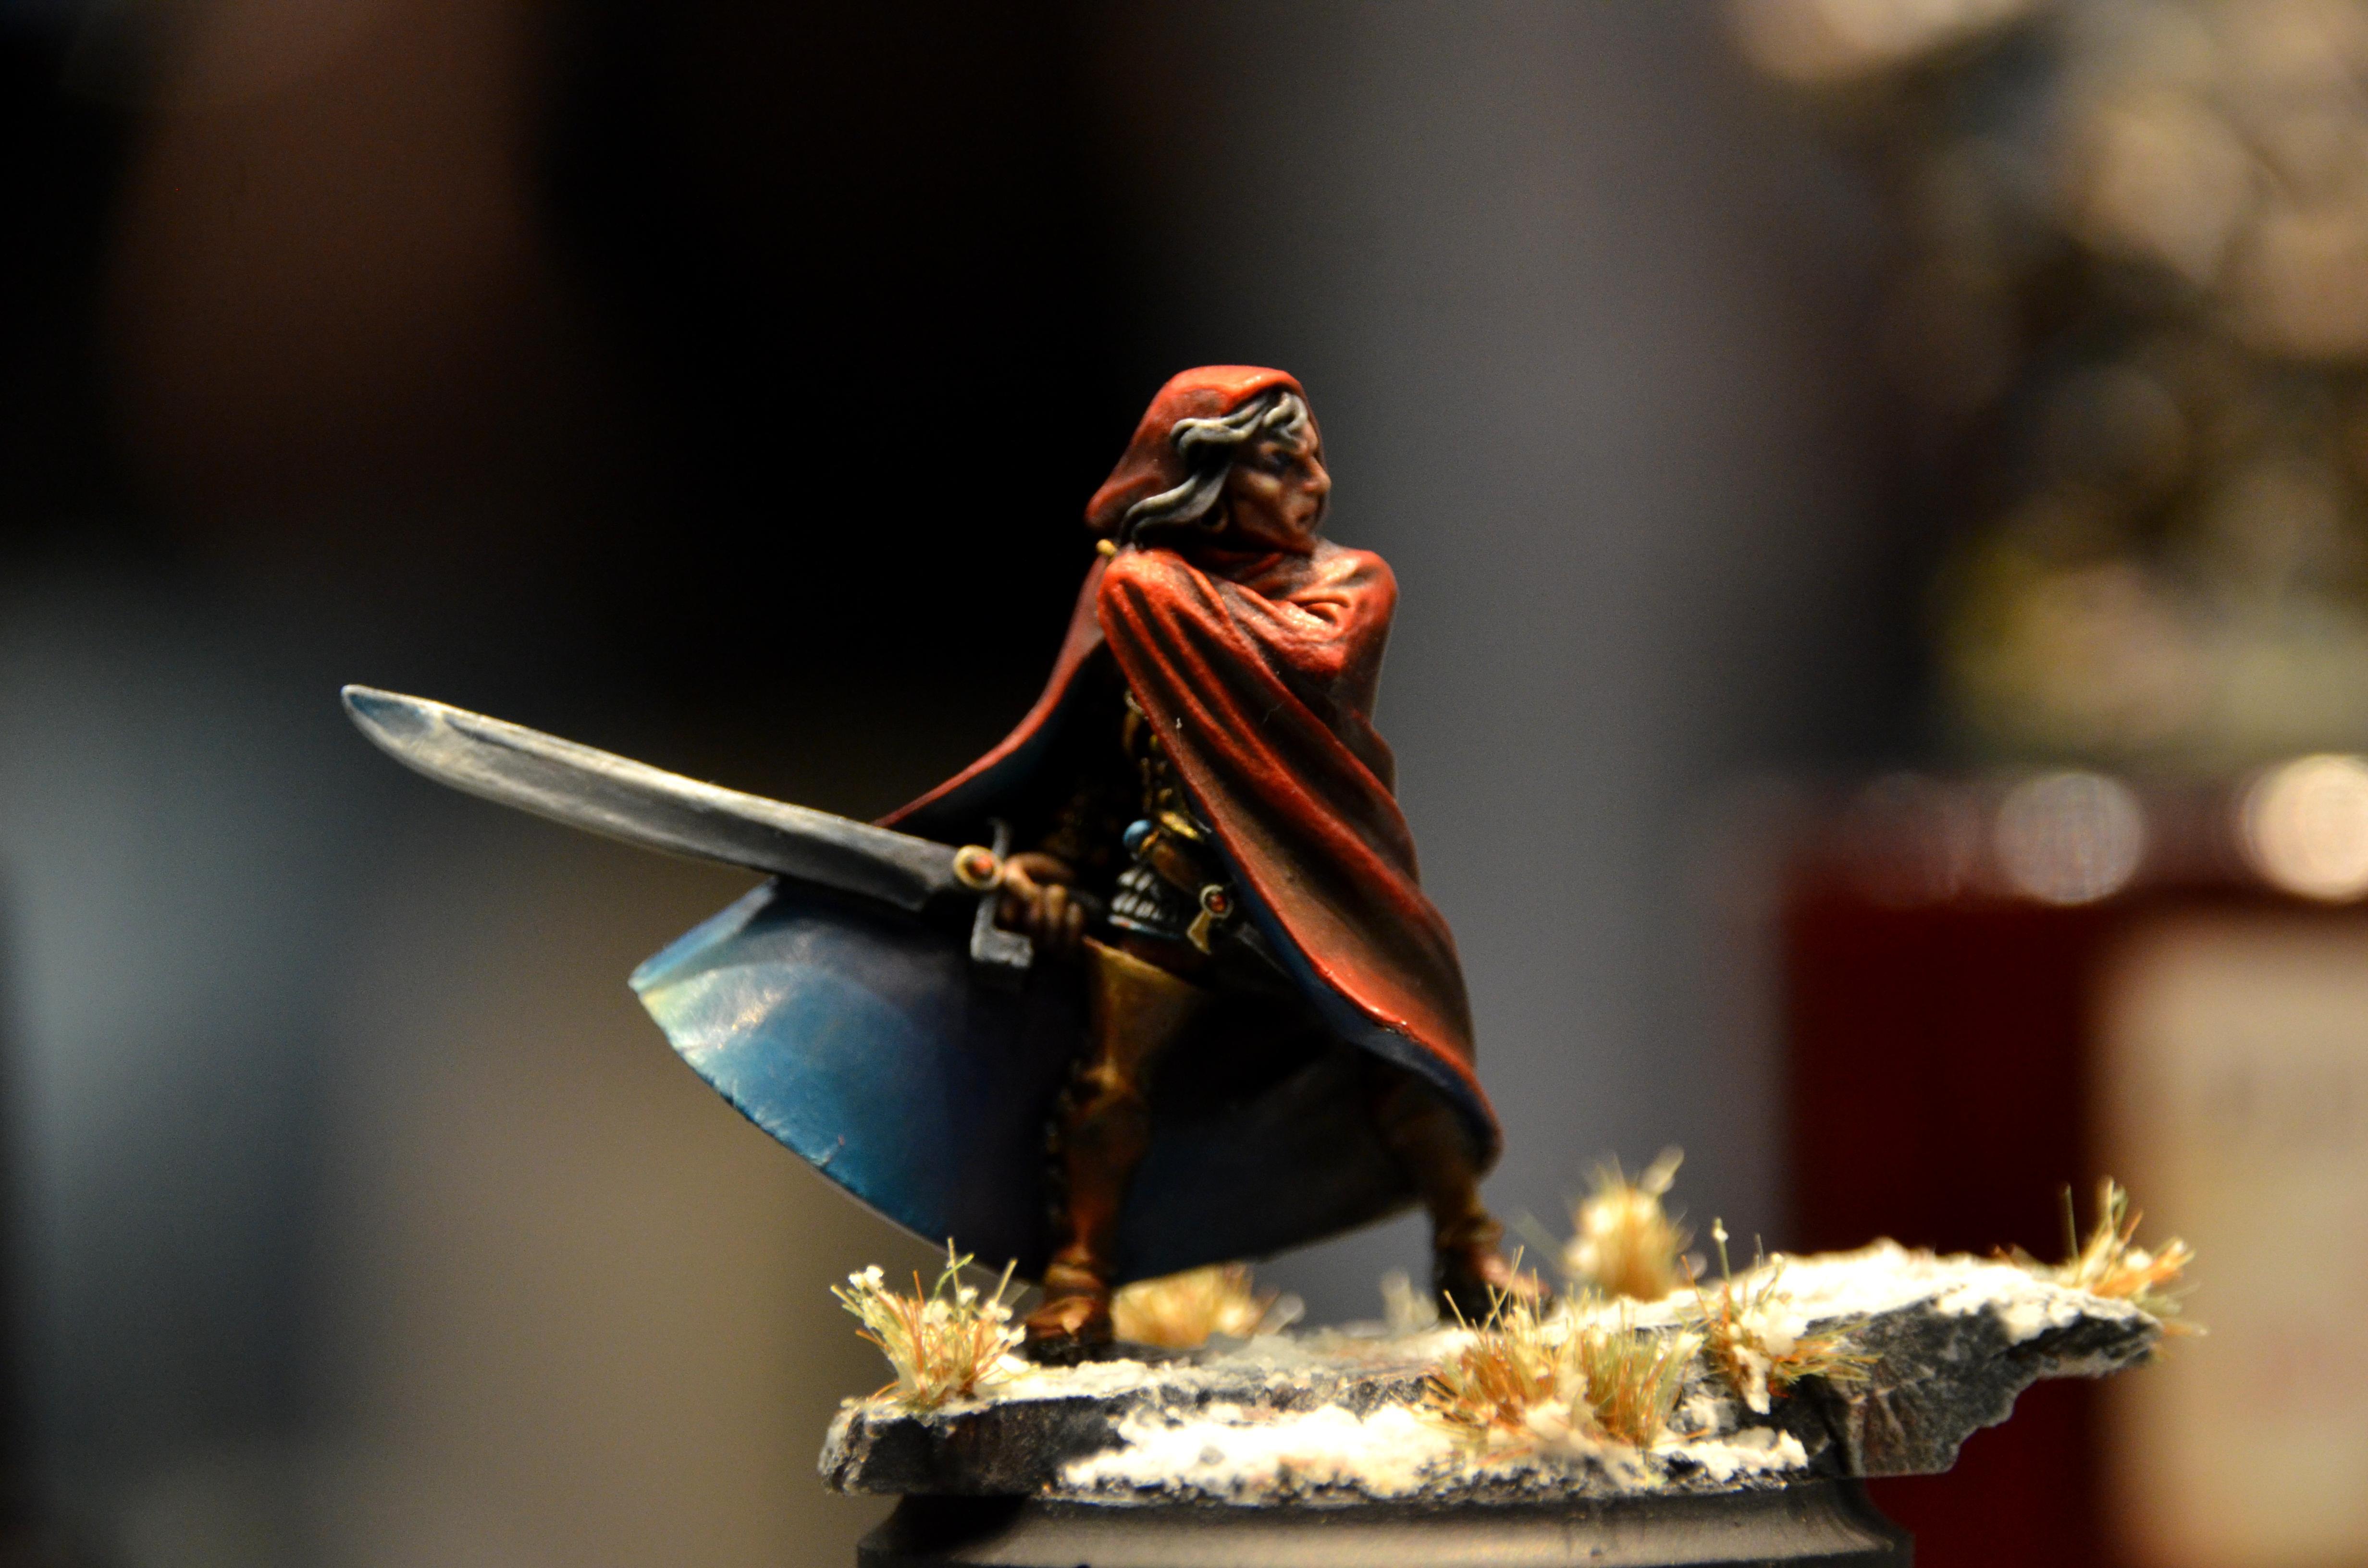 Aenur Elf, Golden Demon, Sigmar, Warhammer Fantasy, Warhammer Fest